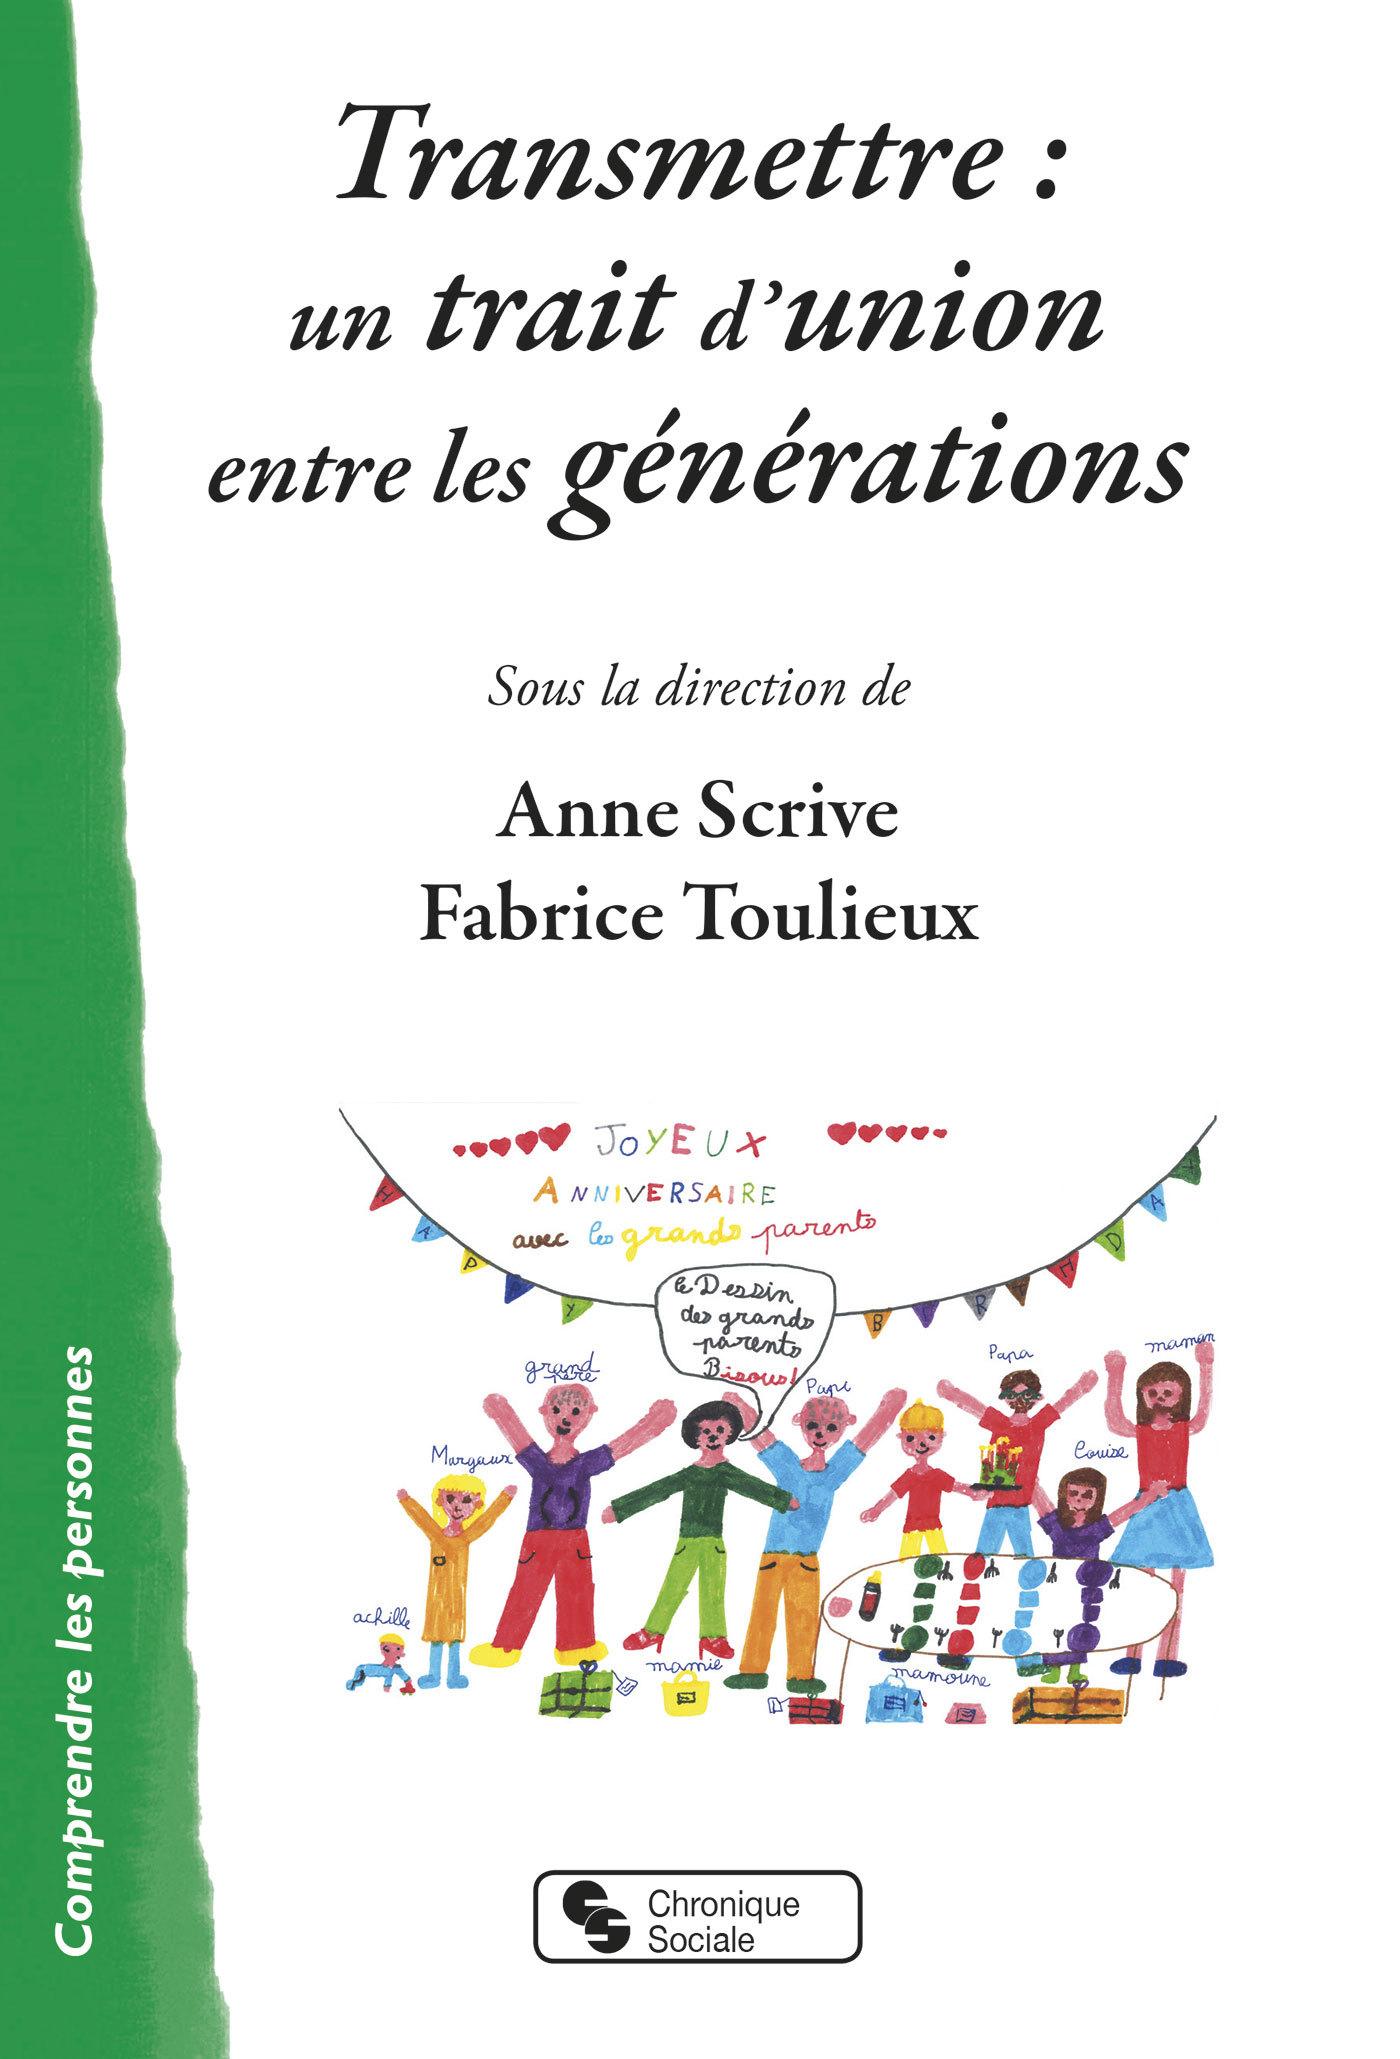 TRANSMETTRE : UN TRAIT D'UNION ENTRE LES GENERATIONS